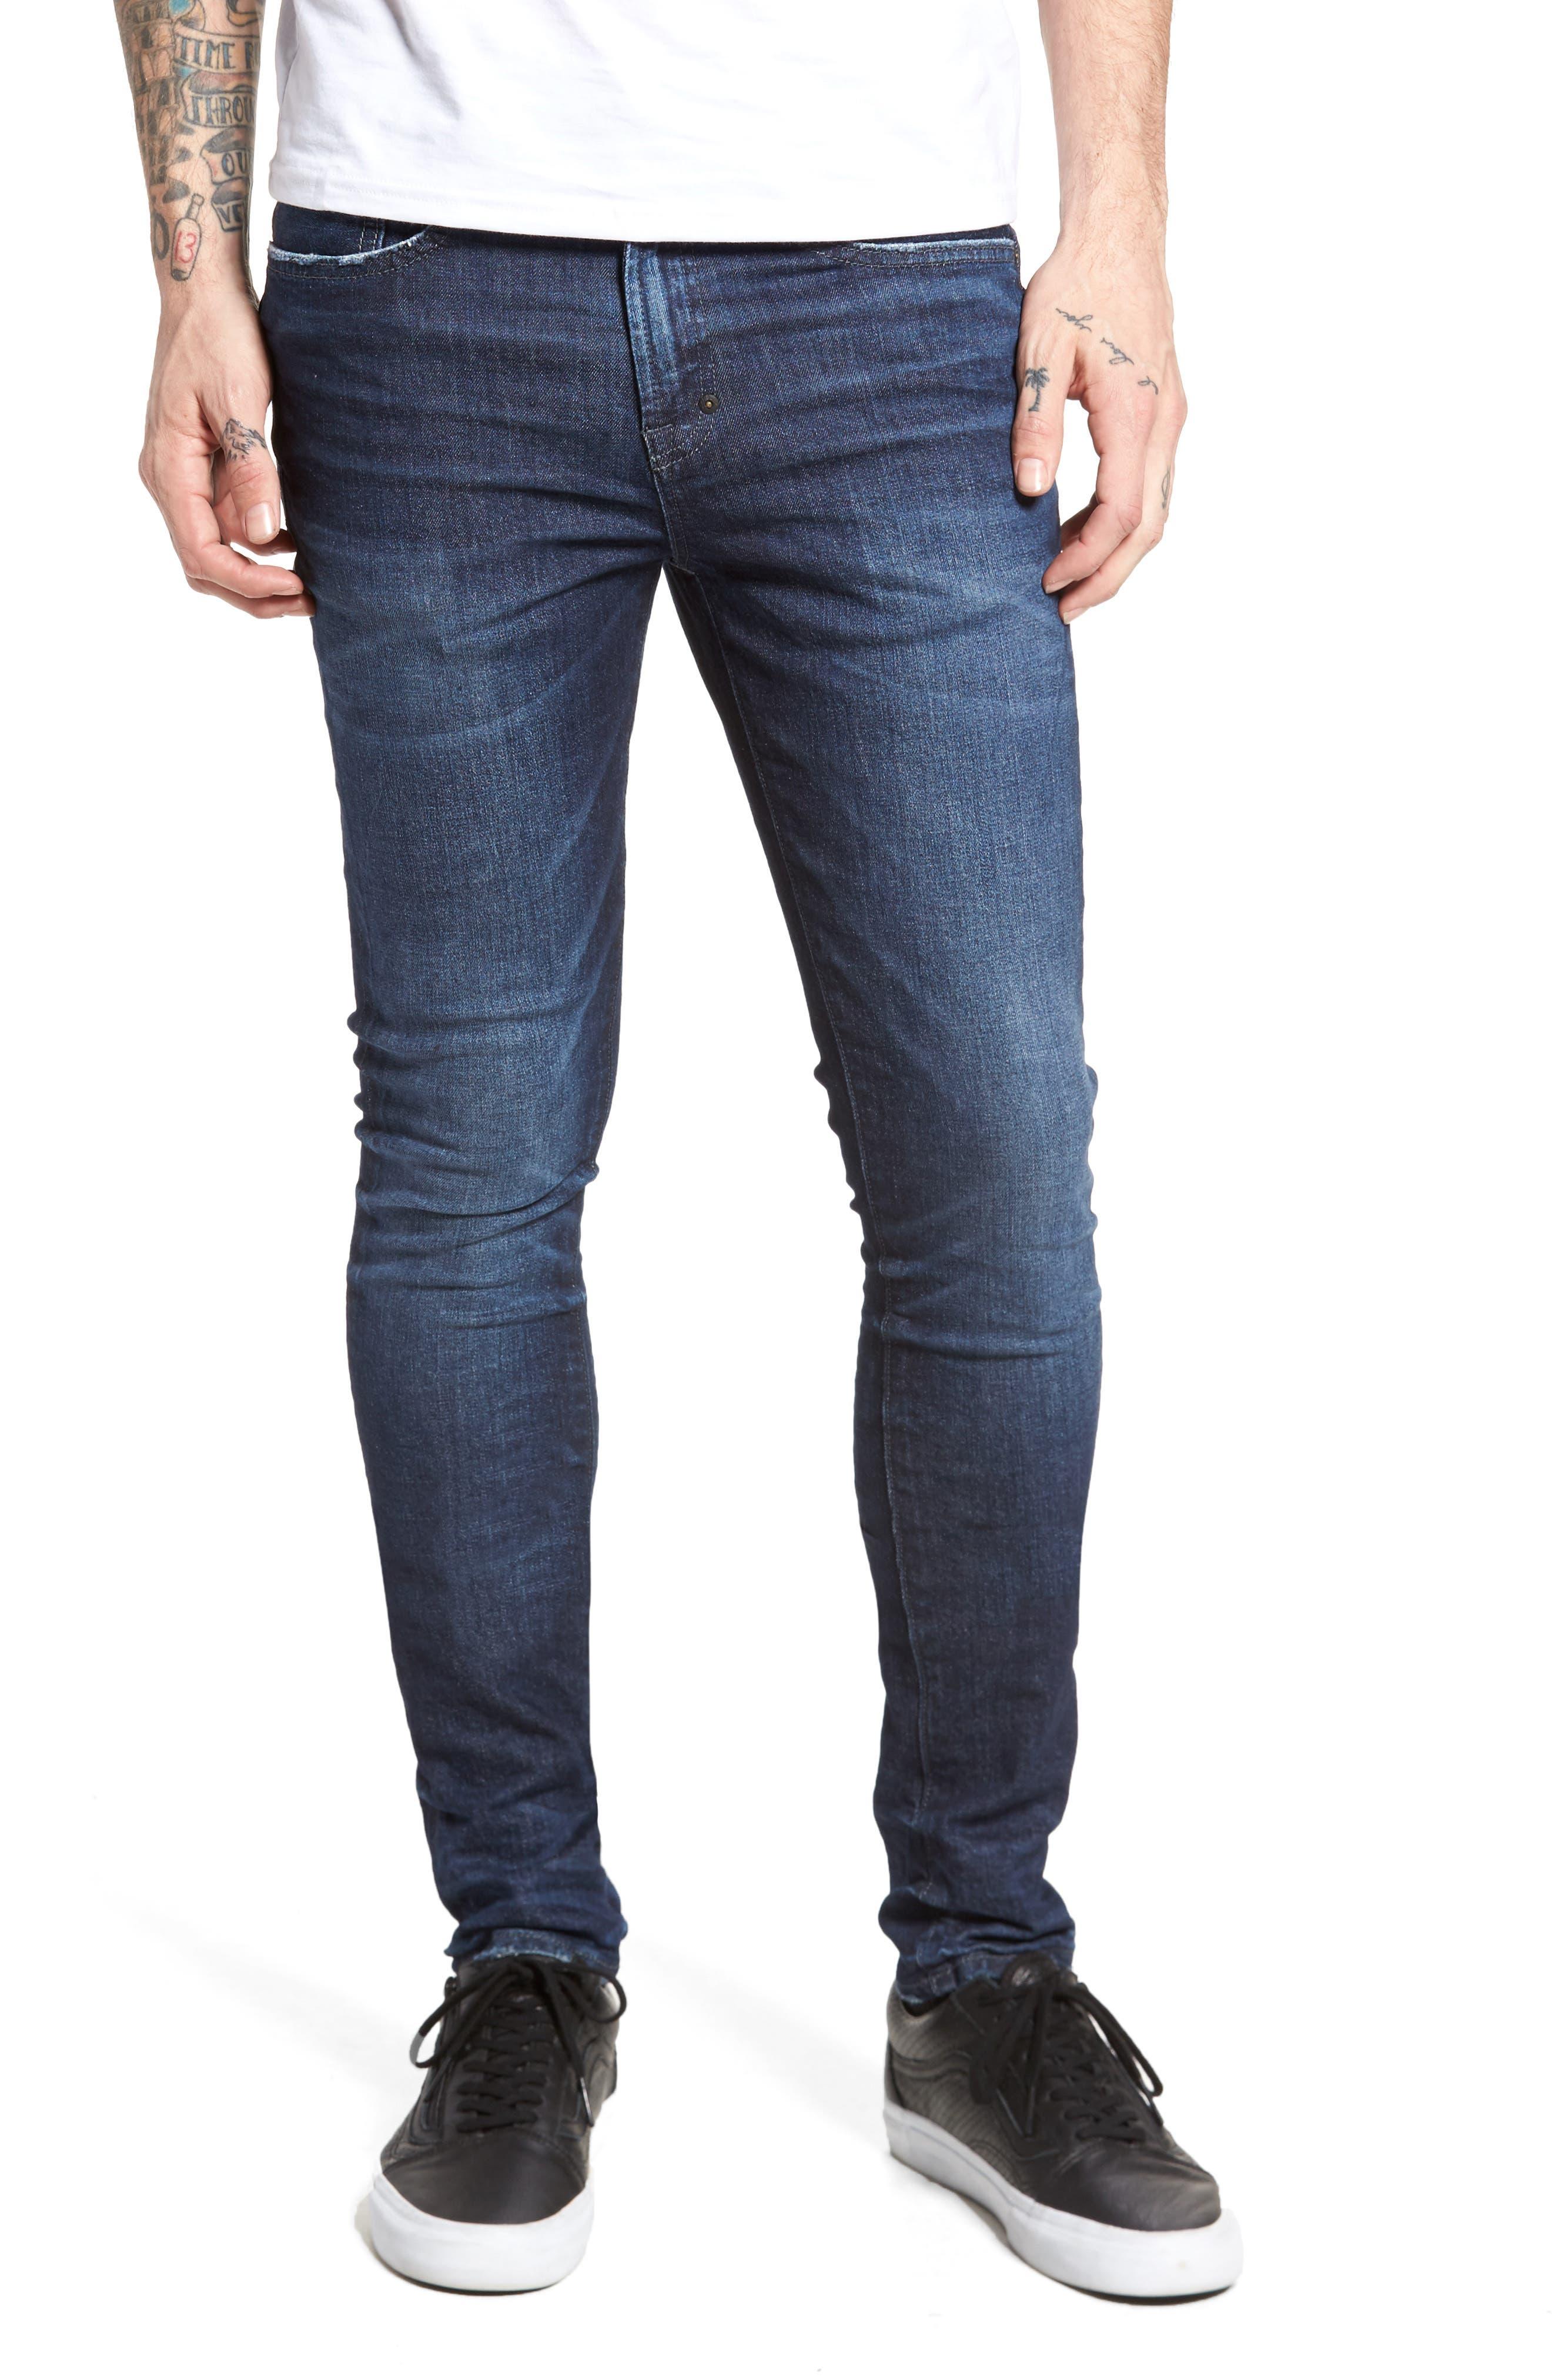 Windsor Slim Fit Jeans,                         Main,                         color, Dark Blue